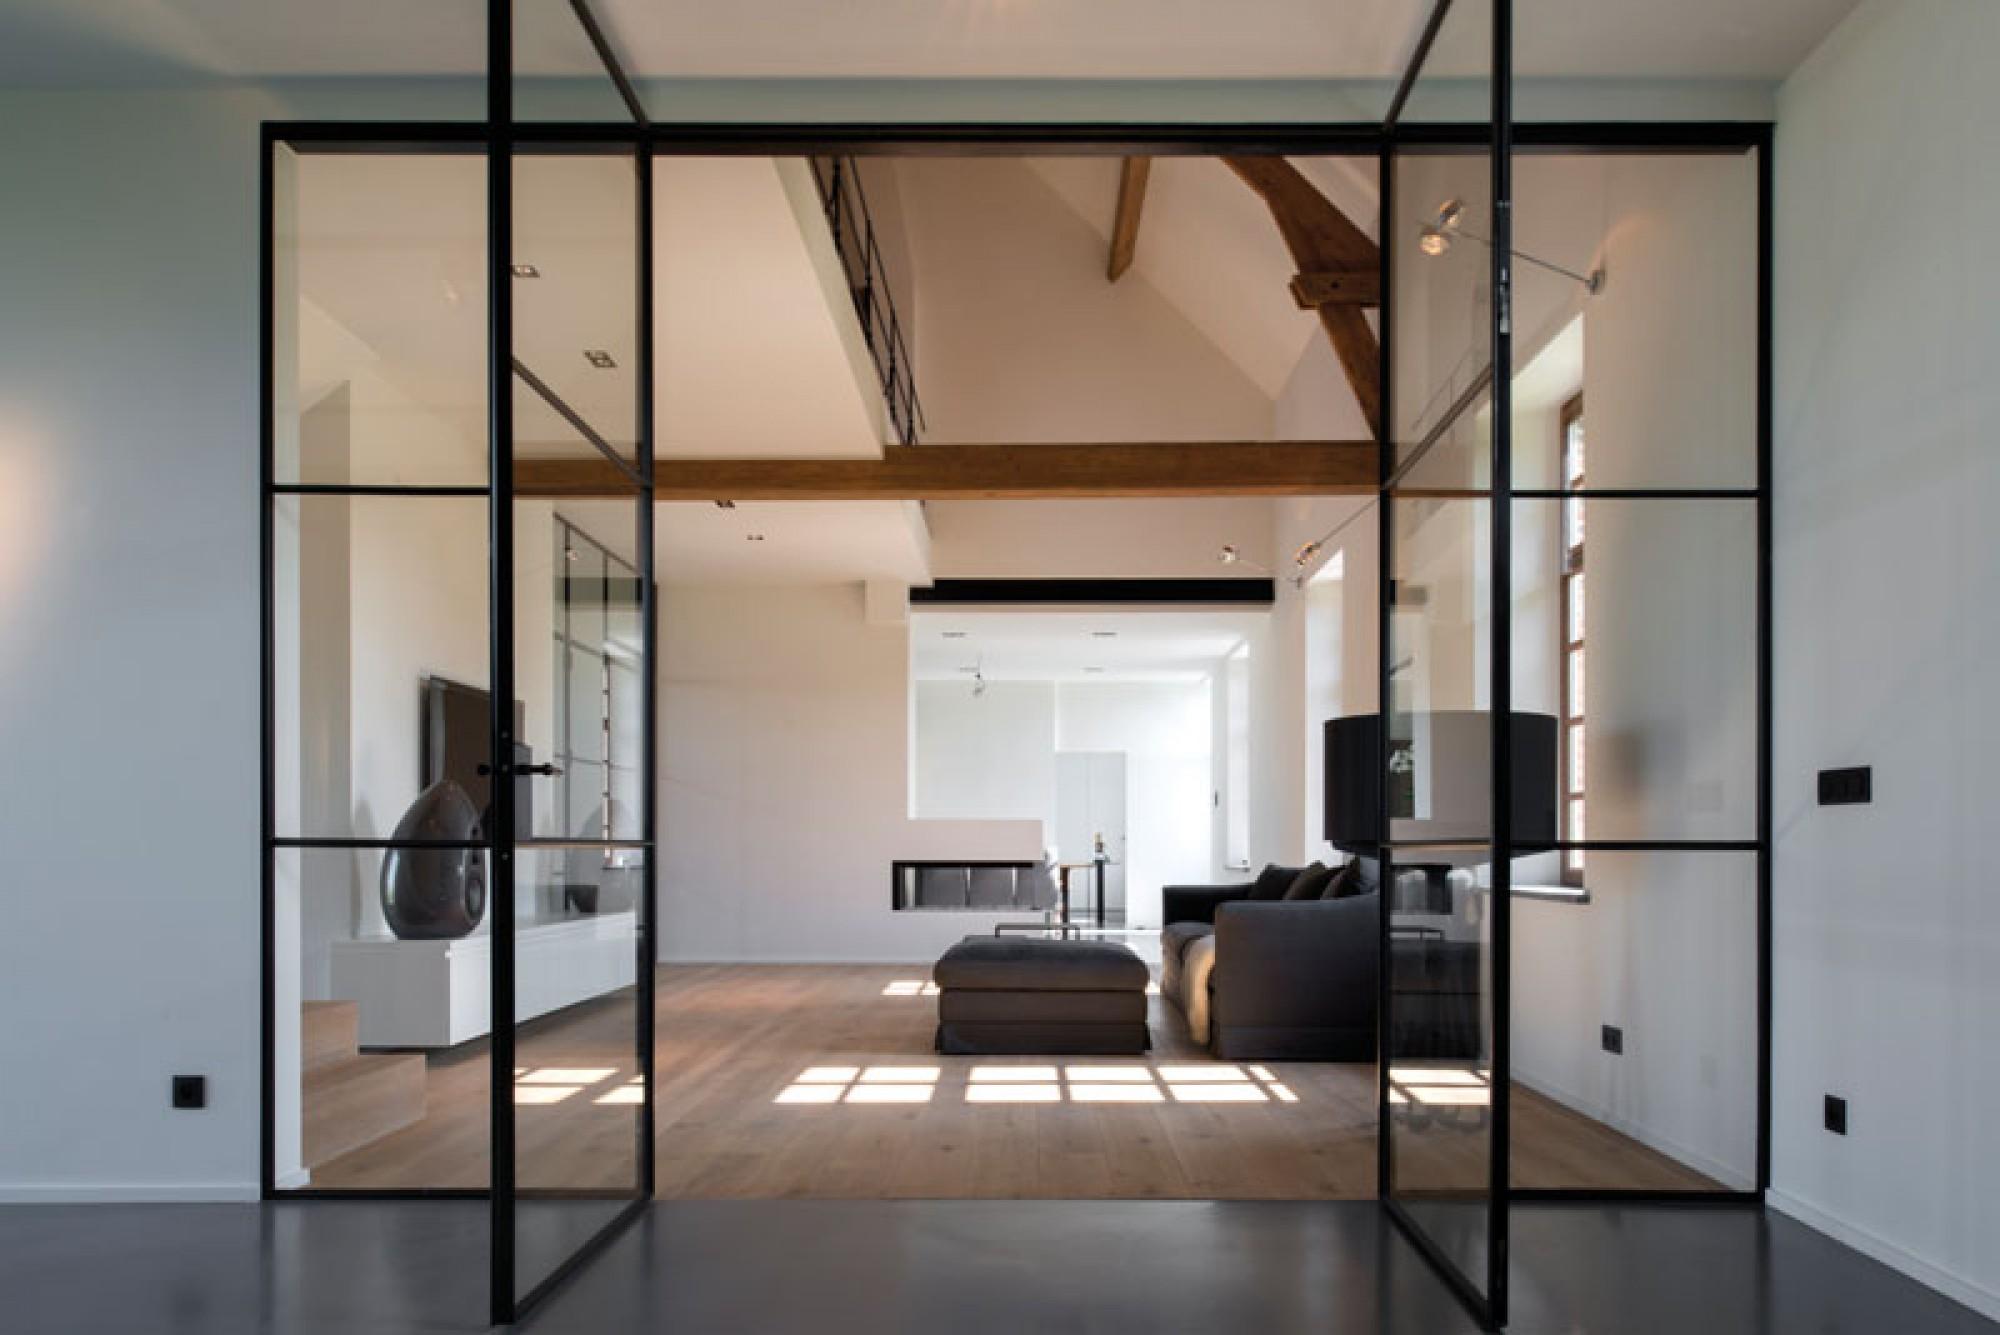 Gietvloer Keuken Design : Gietvloer boerderij ecosia